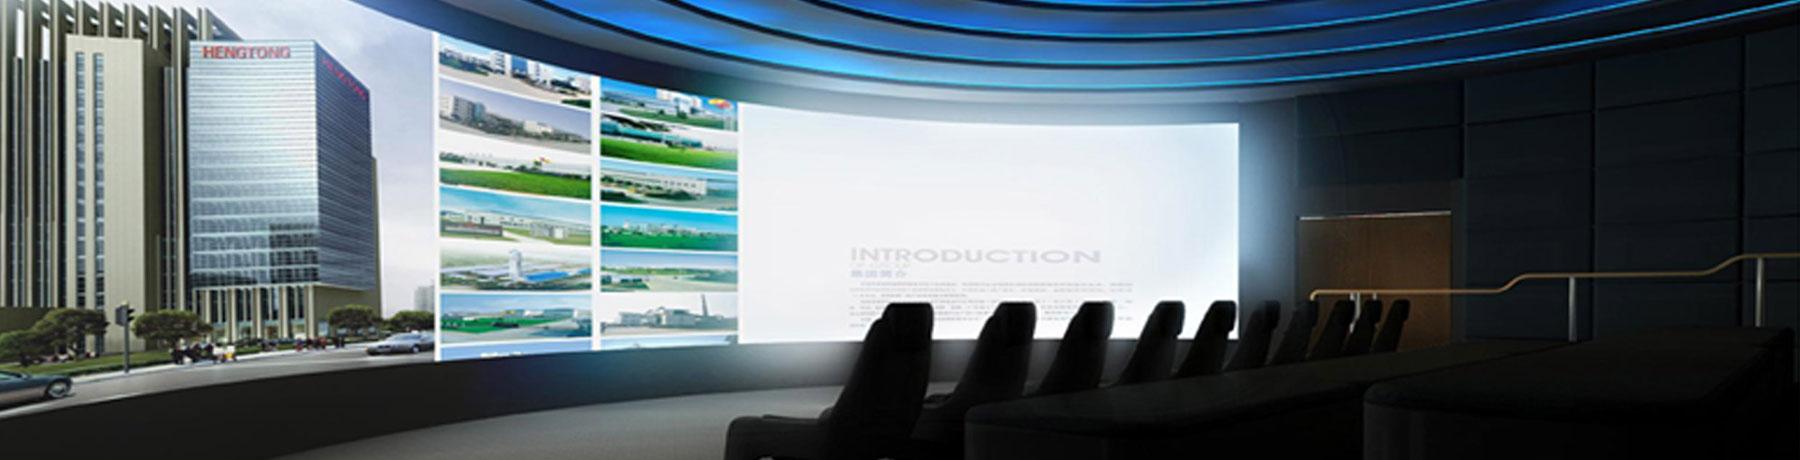 3D影院投影机